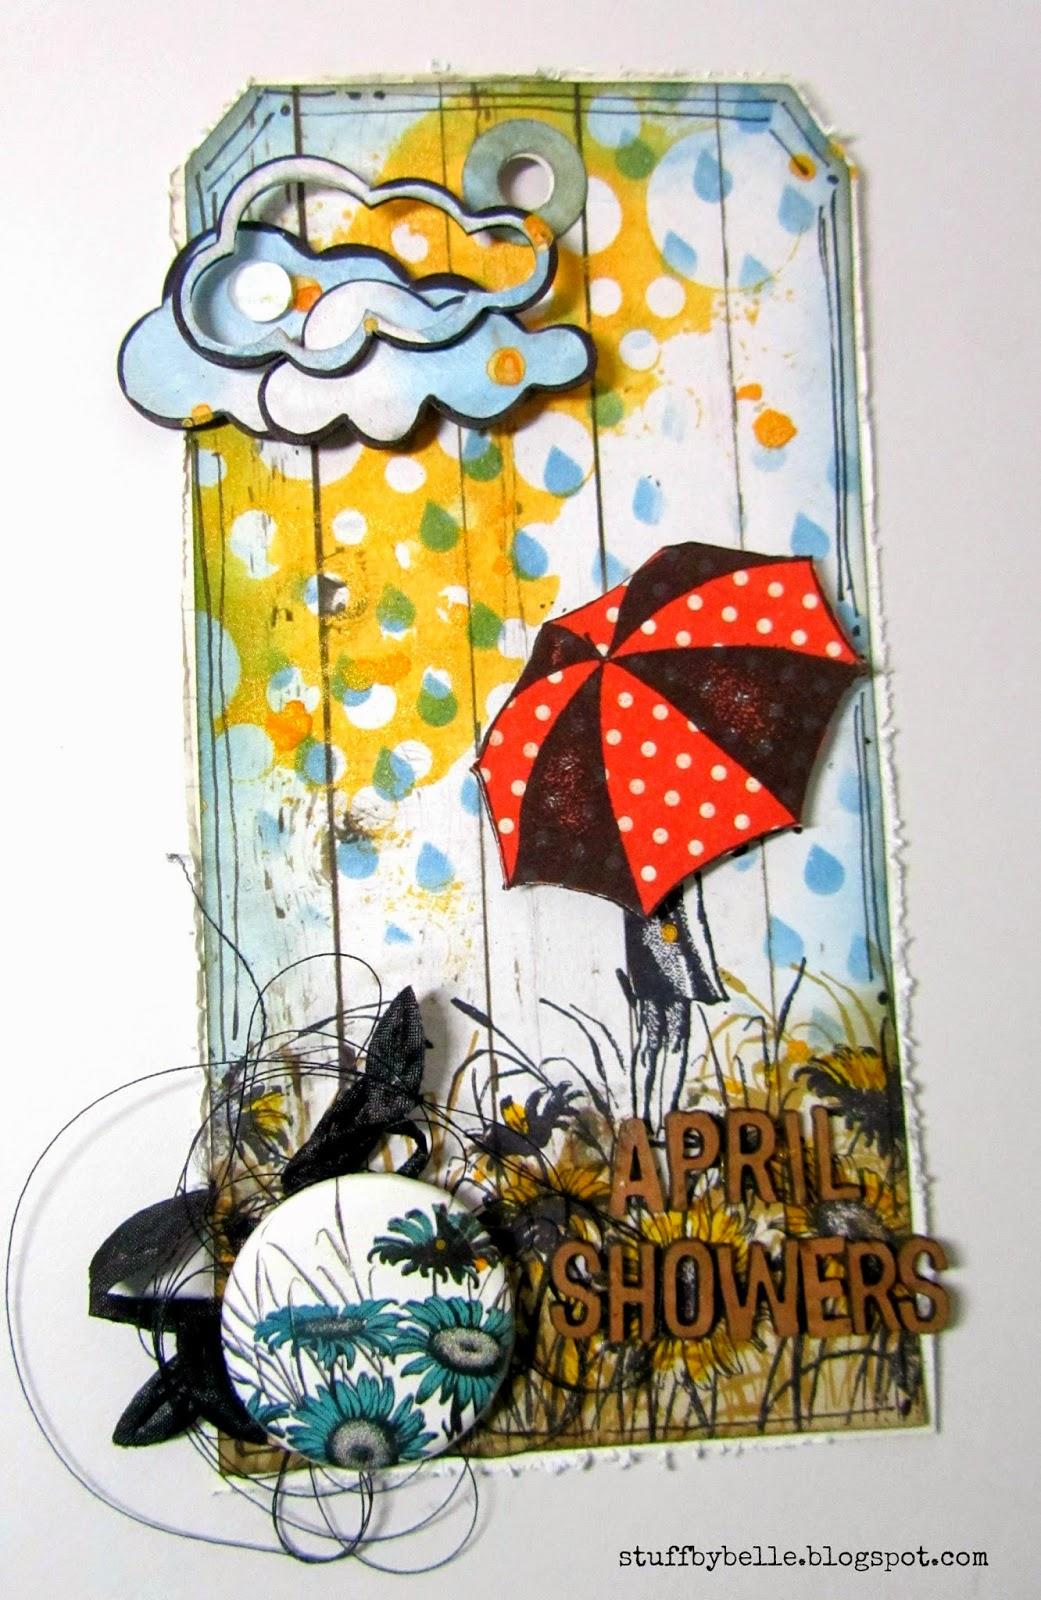 http://stuffbybelle.blogspot.com/2014/04/april-showers.html